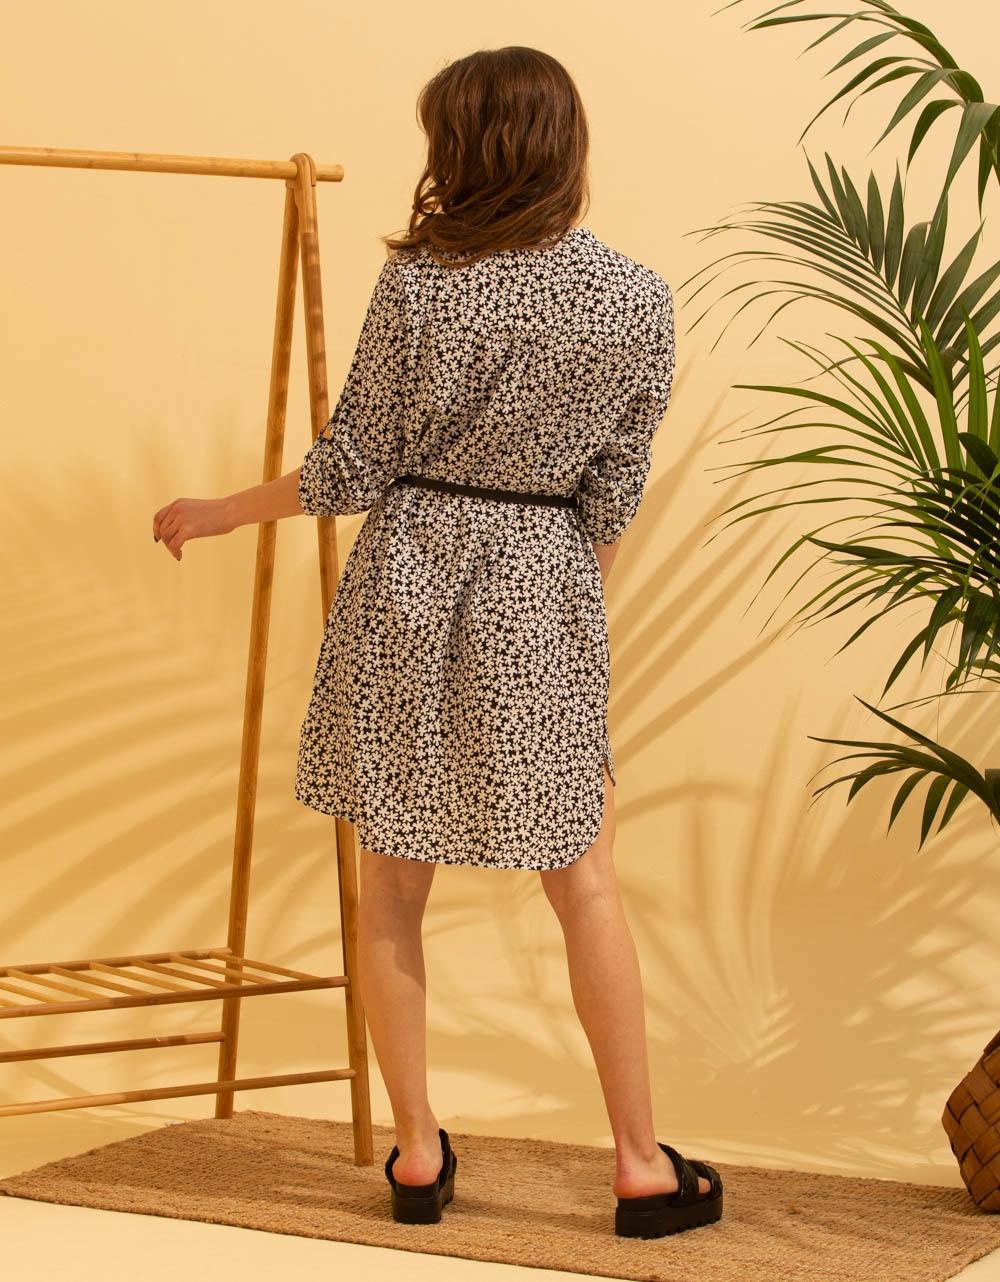 Εικόνα από Γυναικείο φορέμα μίνι με σχέδιο Μαύρο